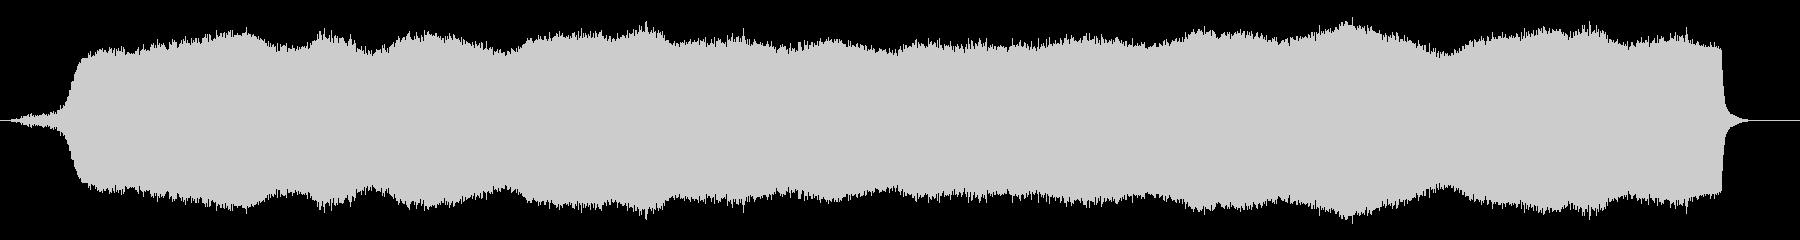 低音の強い機械の音「ブォー」の未再生の波形